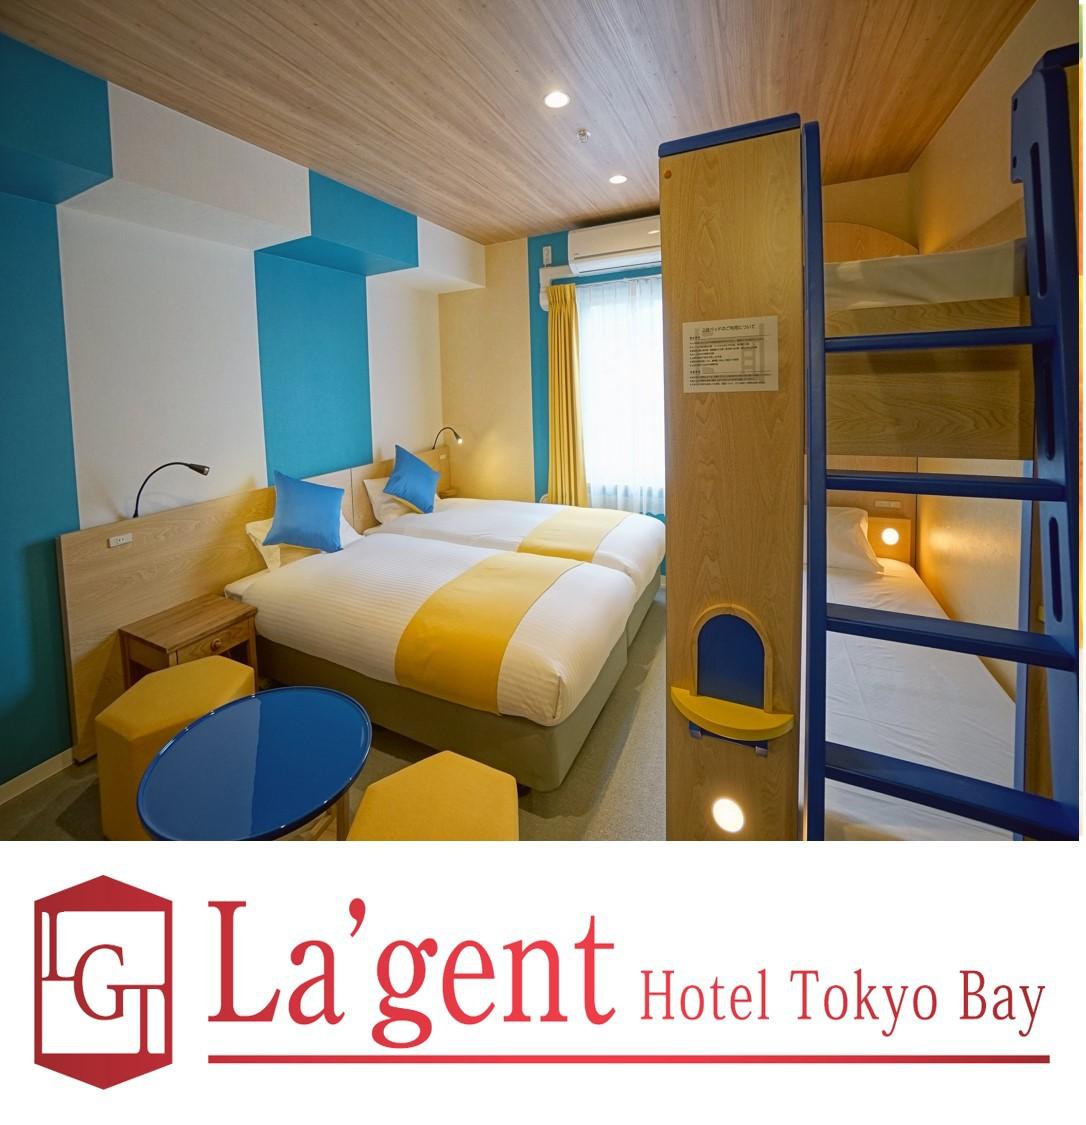 ラ・ジェント・ホテル東京ベイ 関連画像 11枚目 楽天トラベル提供